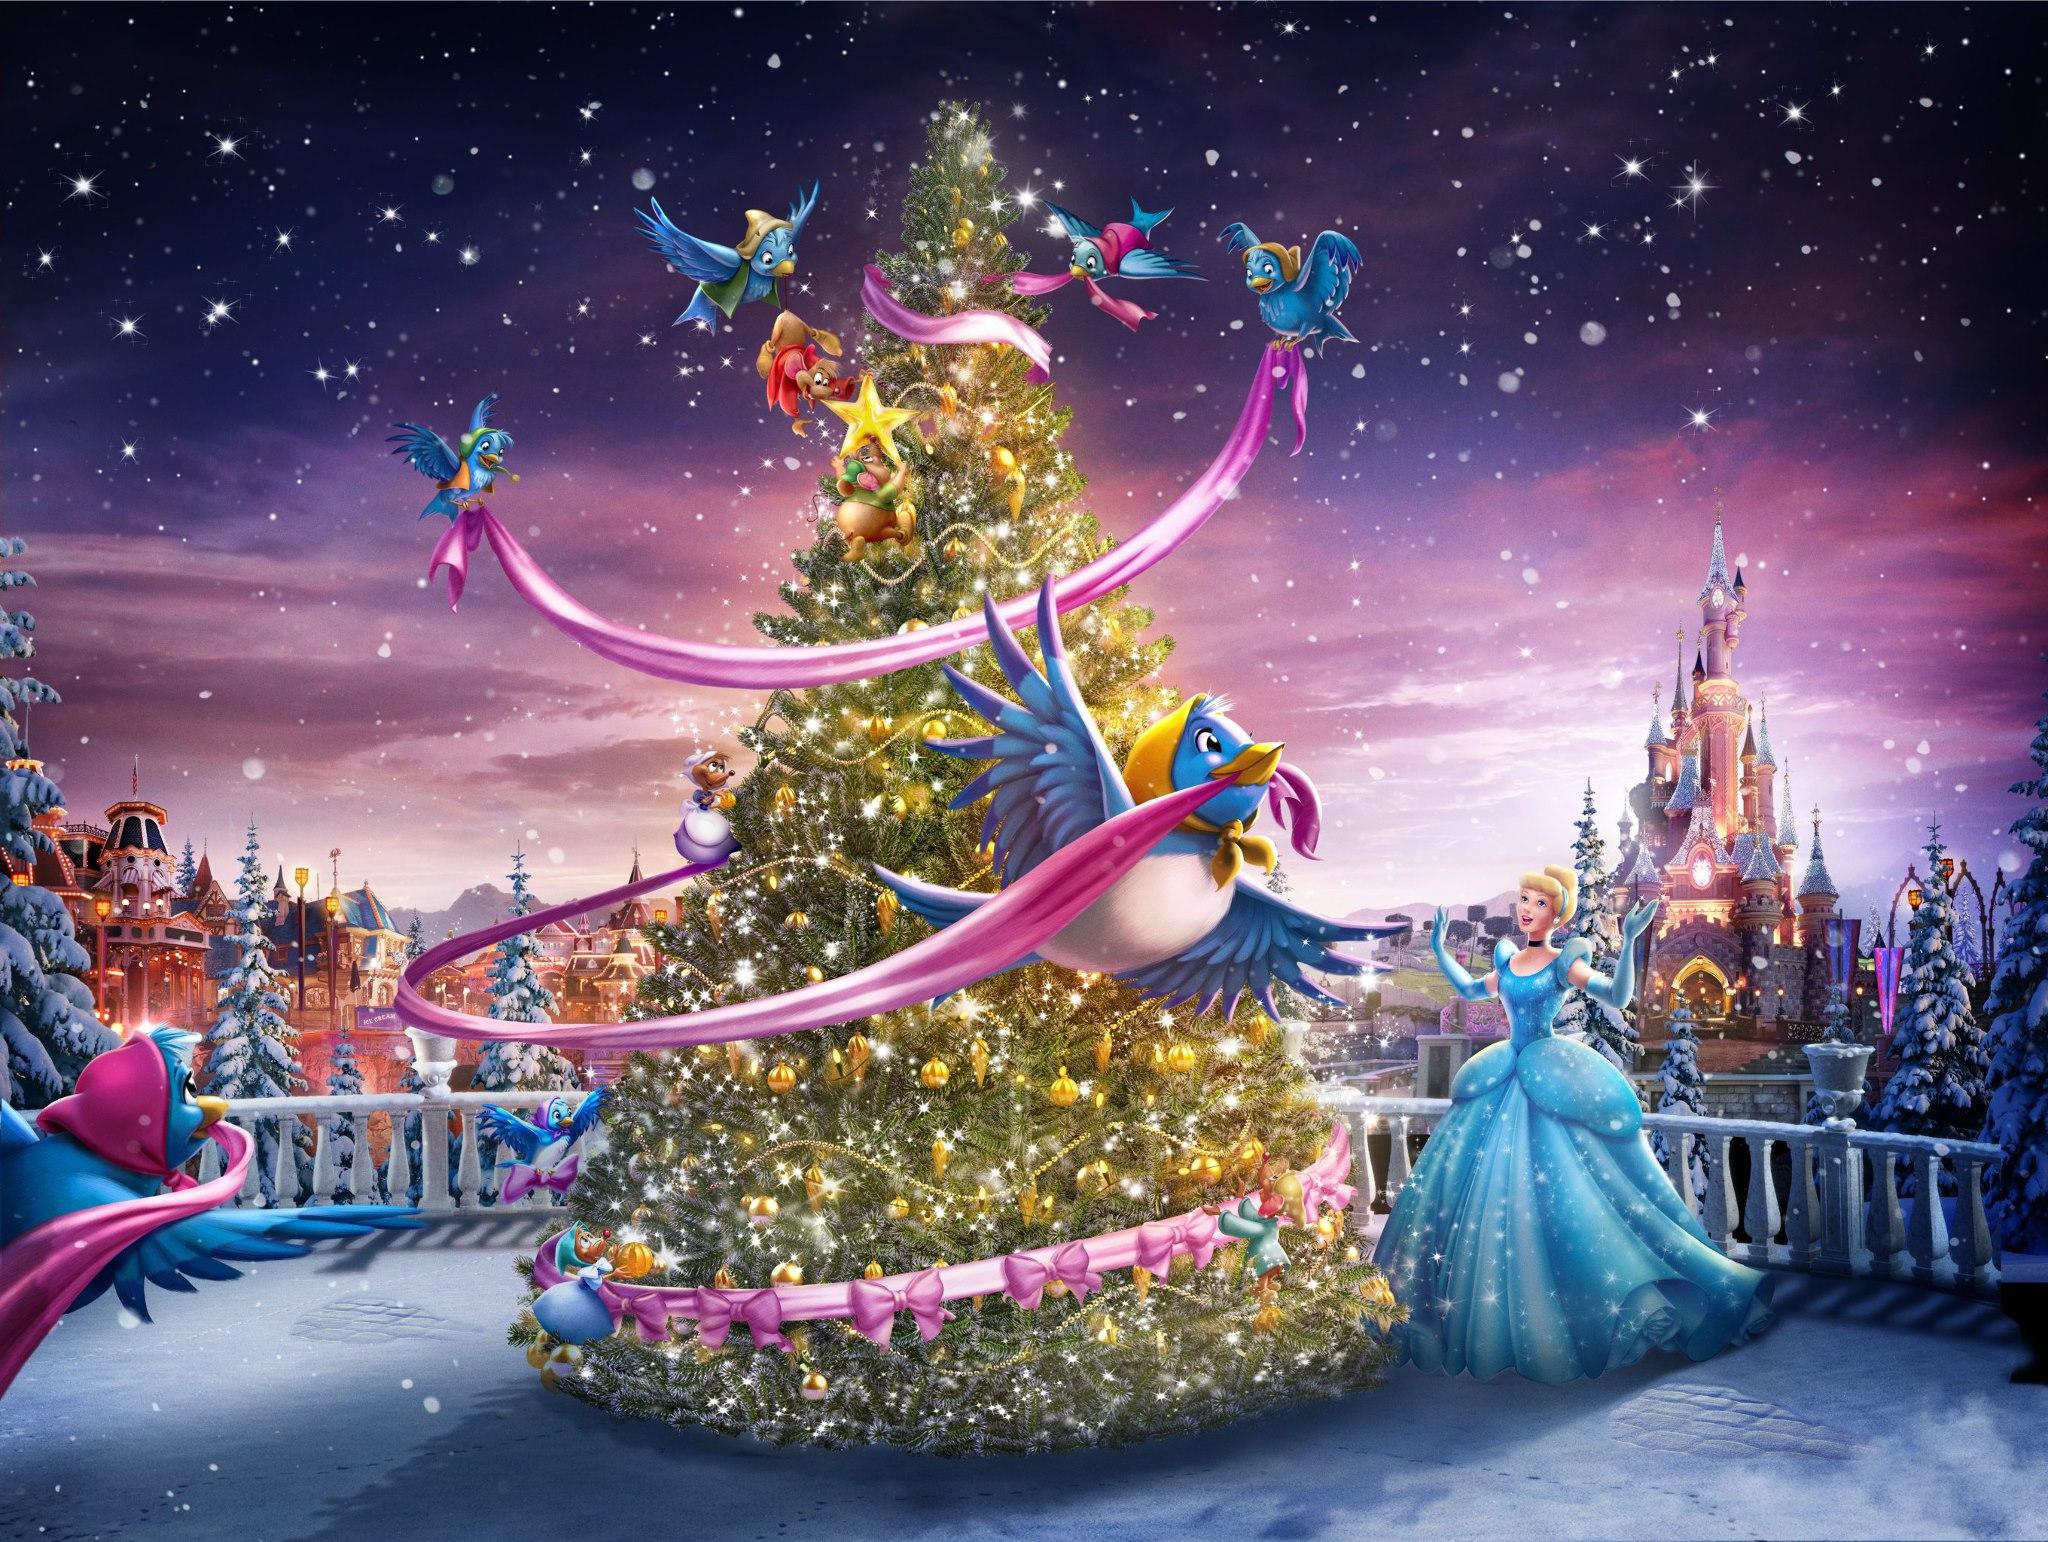 Offre promotionnelle pour des séjours à Disneyland Paris